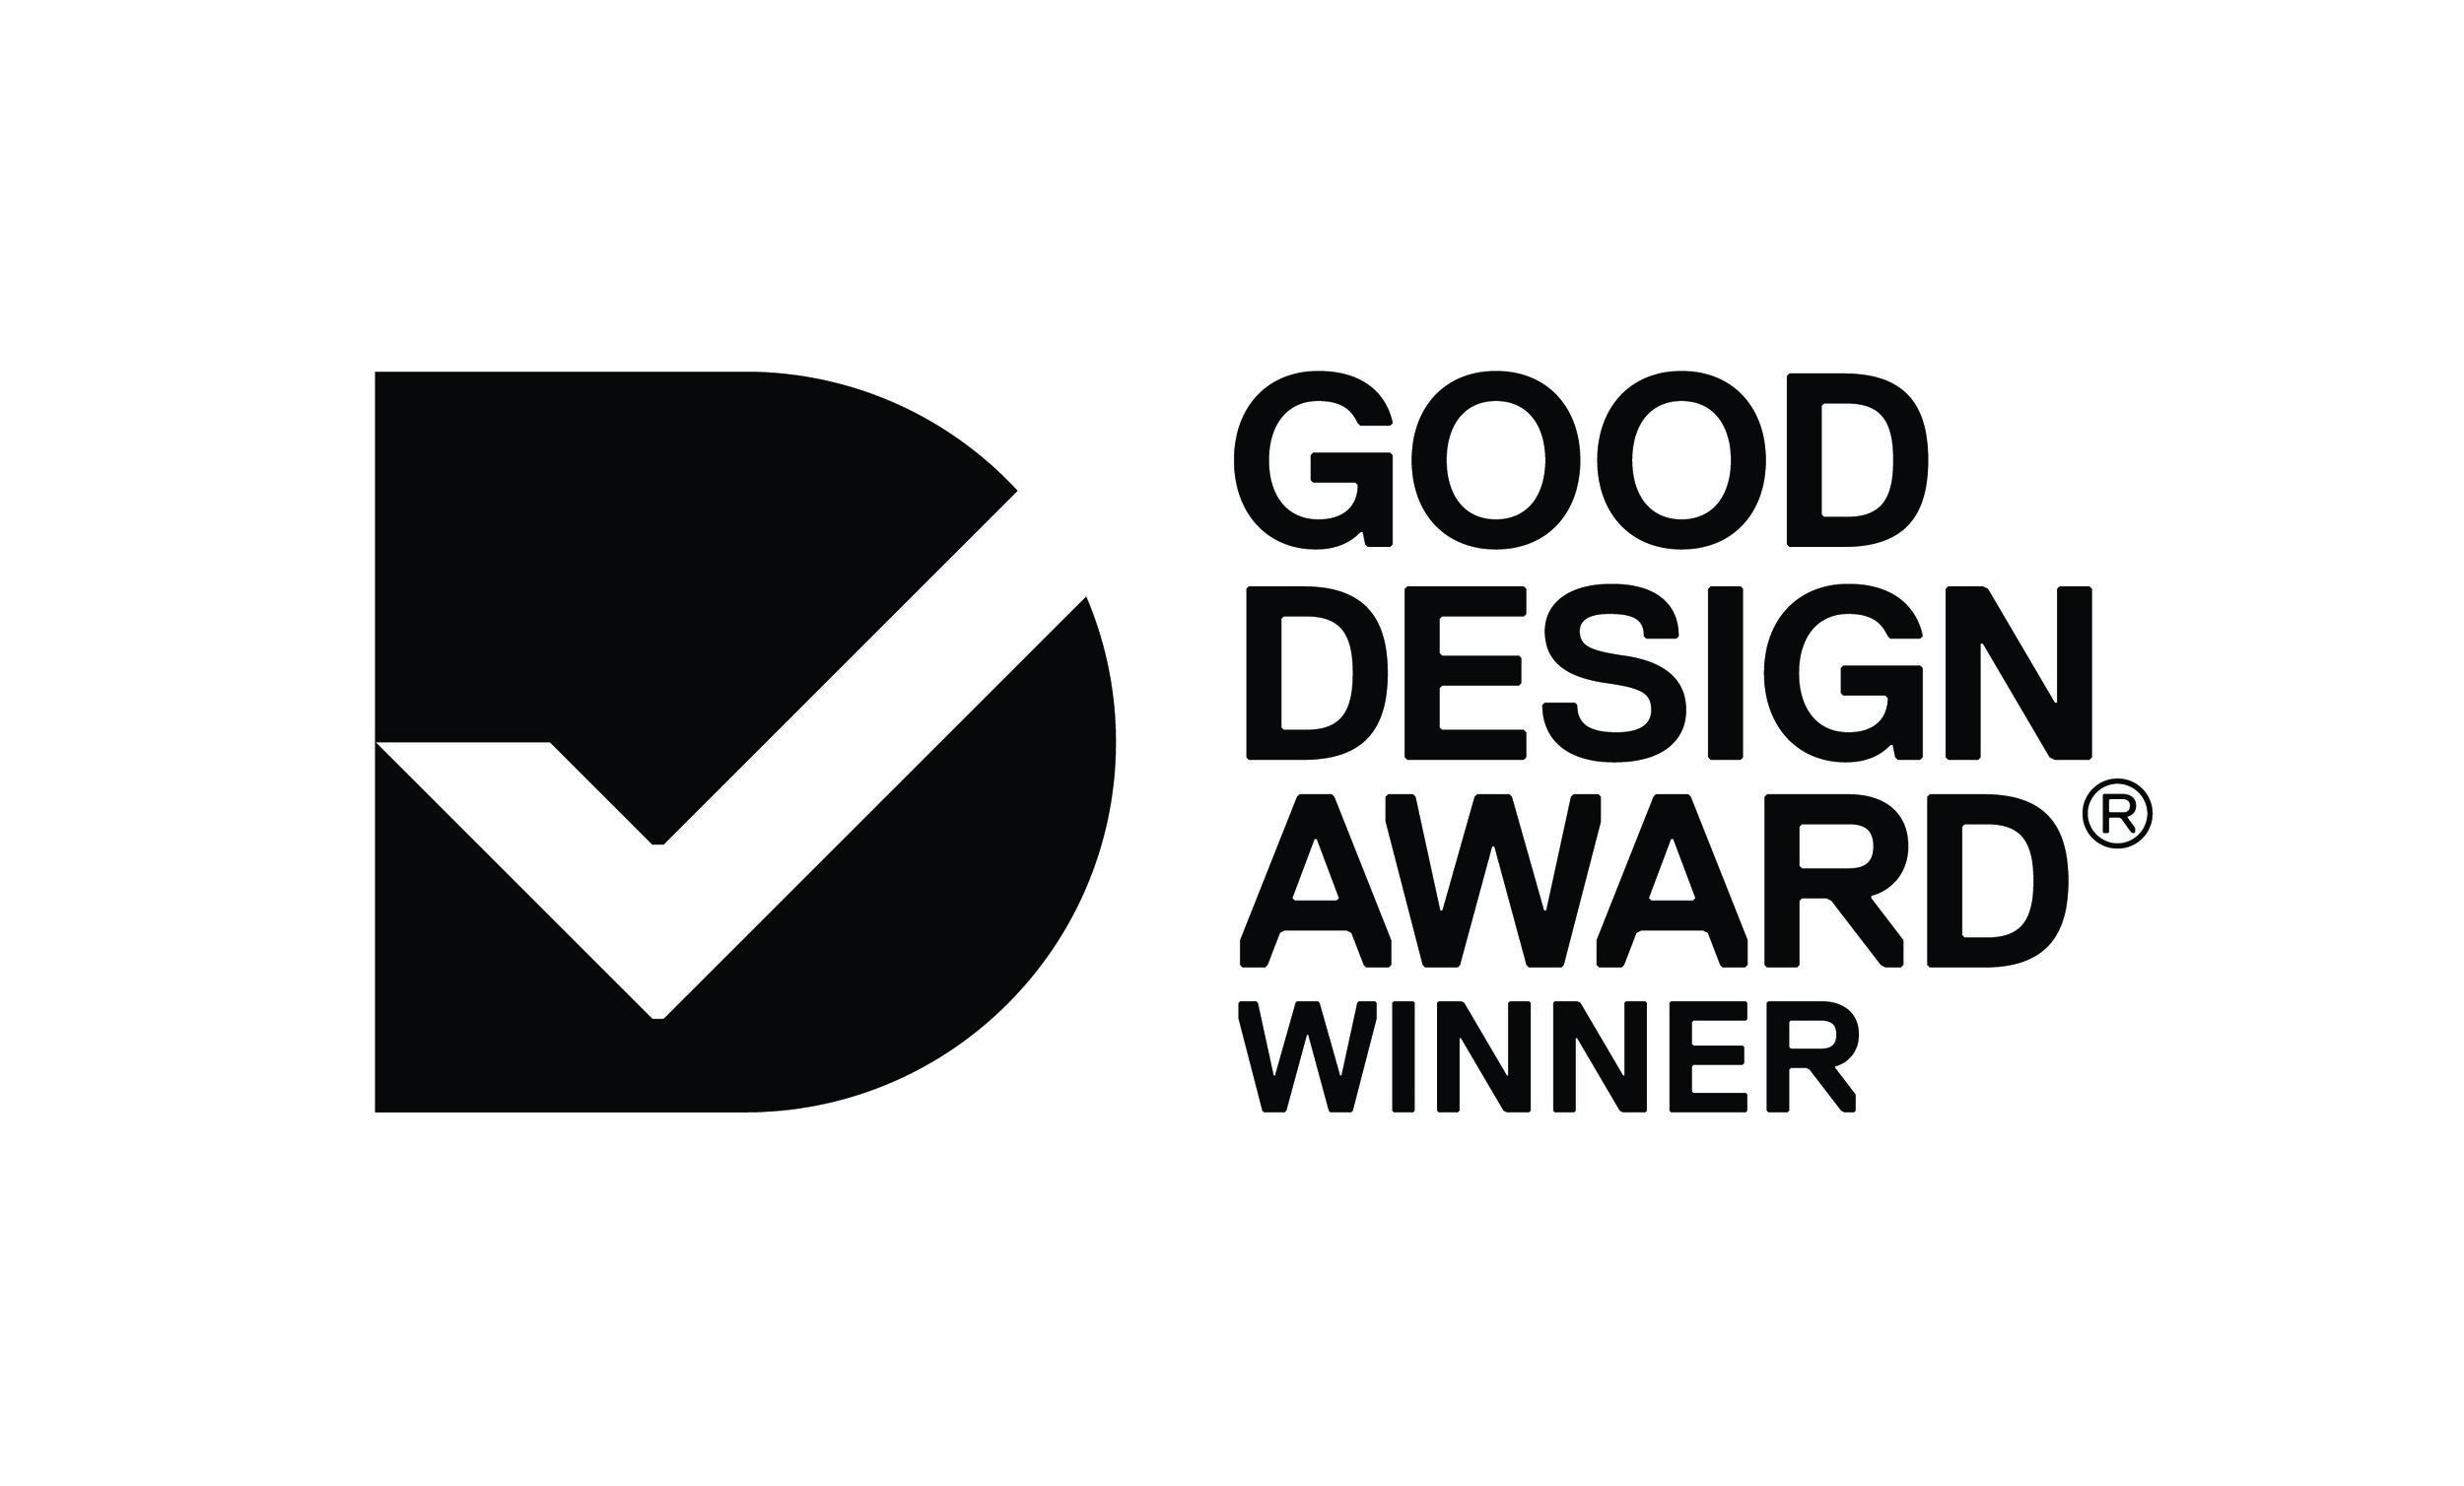 Good Design Award_Winner_CMYK_BLK_Logo.jpg